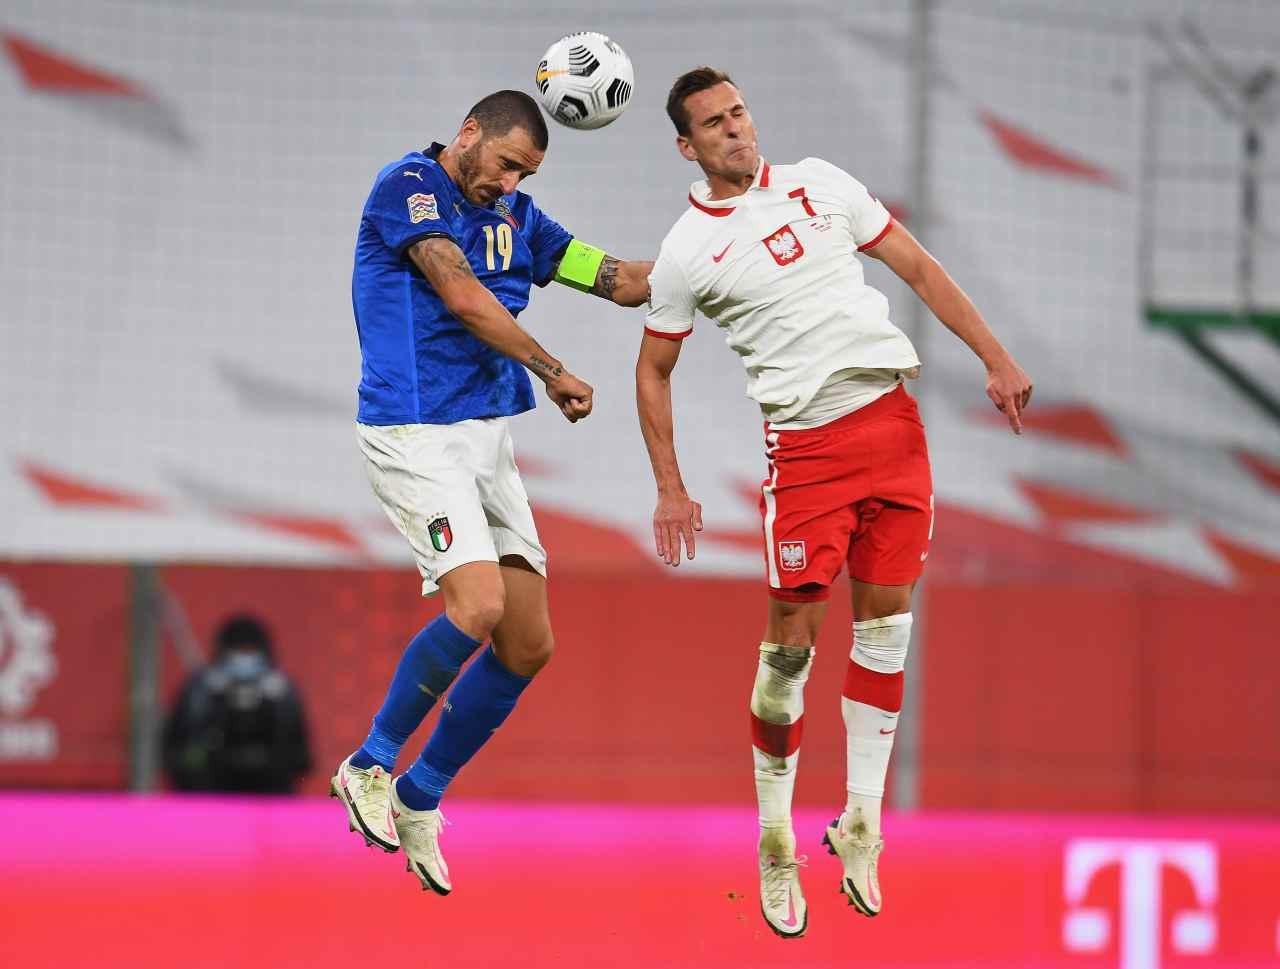 Calciomercato Juventus, per Milik vecchia idea di scambio col Napoli